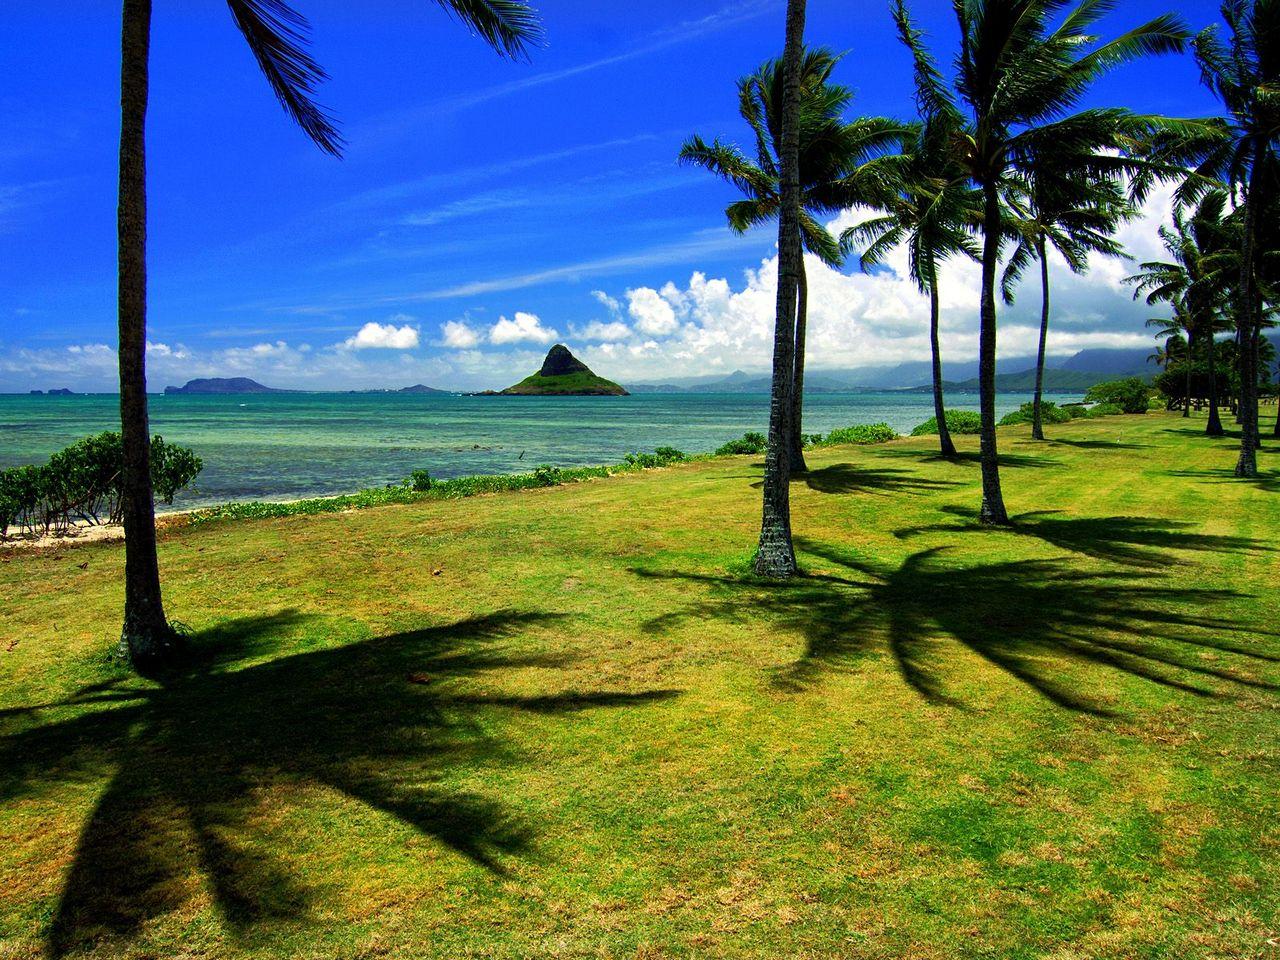 http://1.bp.blogspot.com/-zq2FL1e59uQ/TiqlKykNOTI/AAAAAAAAJlw/hkQ-m81t8uk/s1600/Chinaman_s_Hat%252C_Oahu%252C_Hawaii___erc.jpg